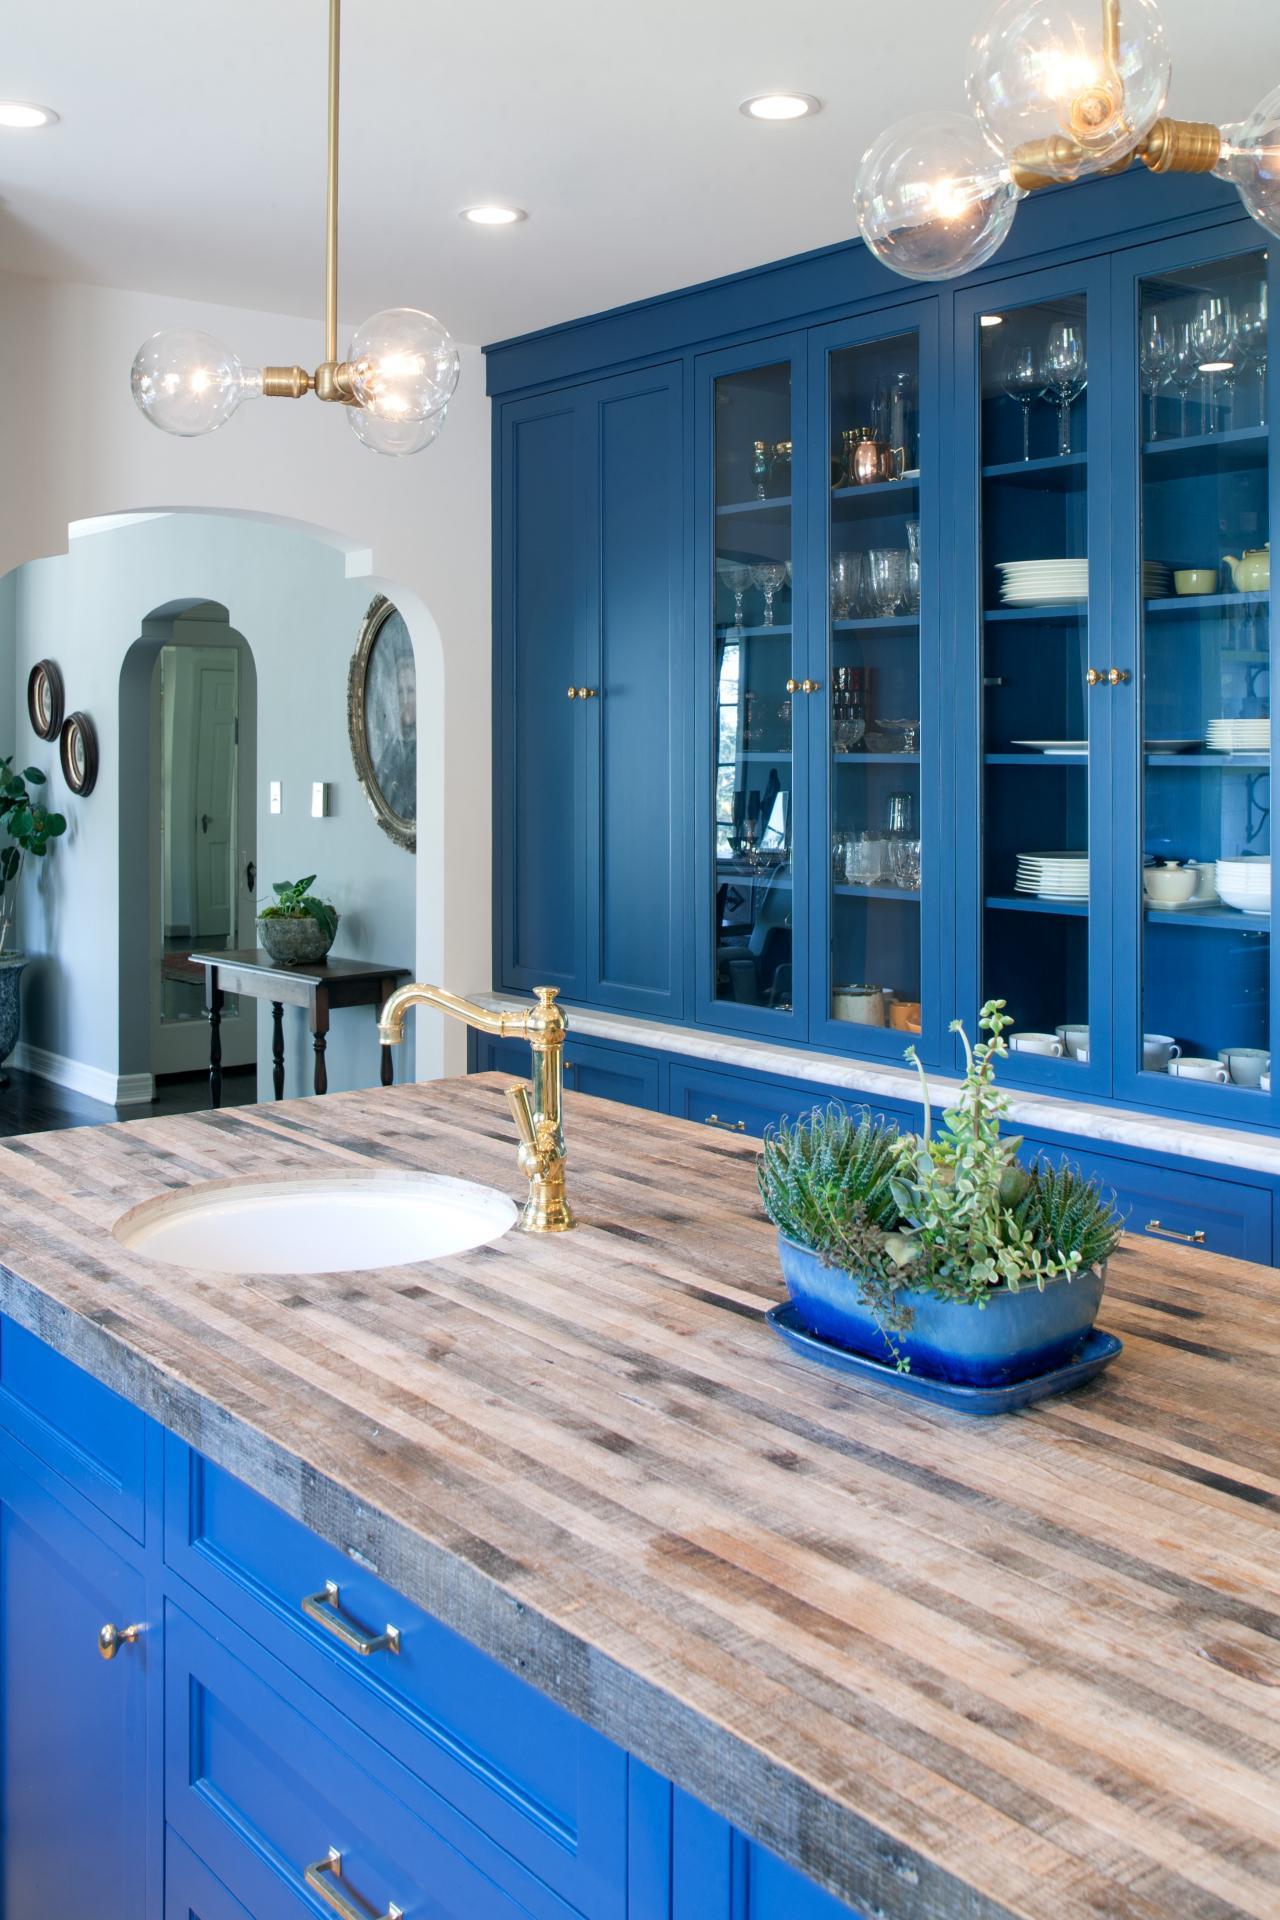 Кухня в голубых тонах со стеклянными шкафчиками